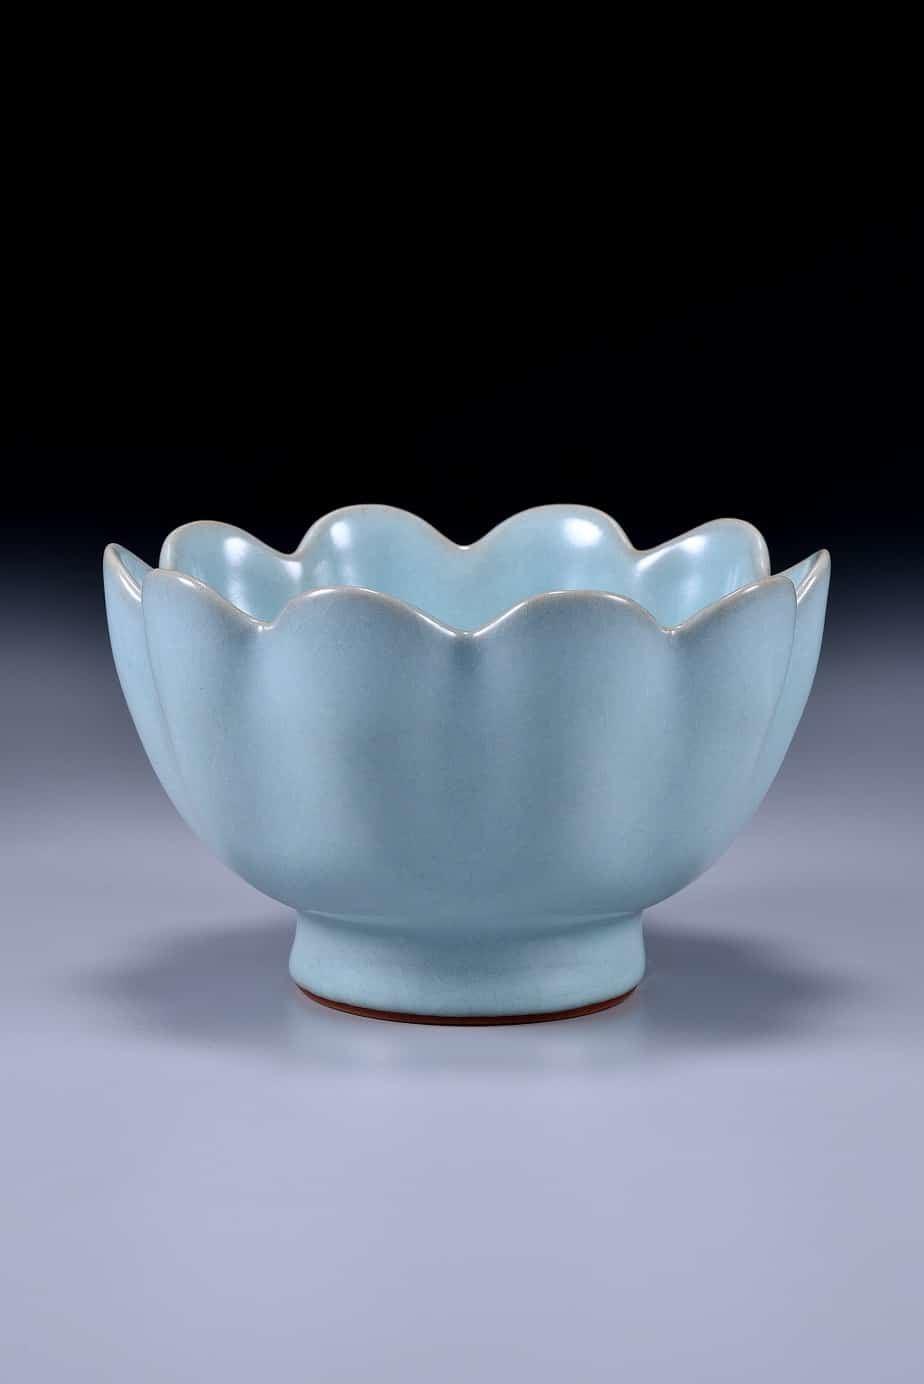 汝窯青瓷蓮花式溫碗